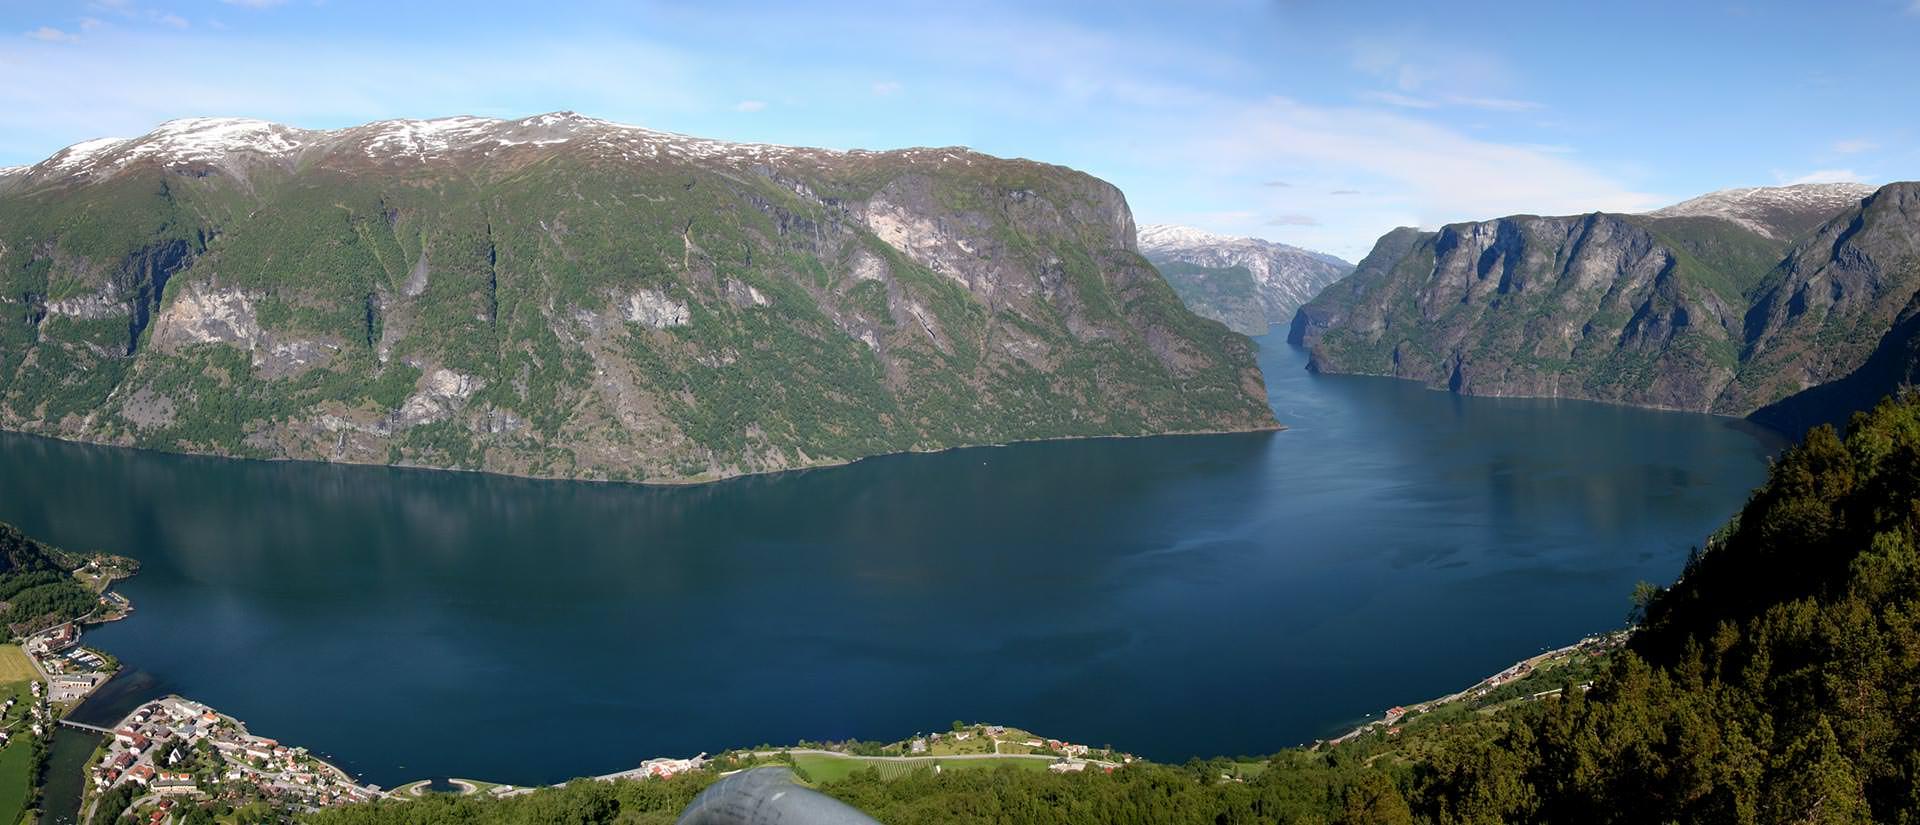 טיול מאורגן לנורבגיה עם המומחים של החברה הגיאוגרפית